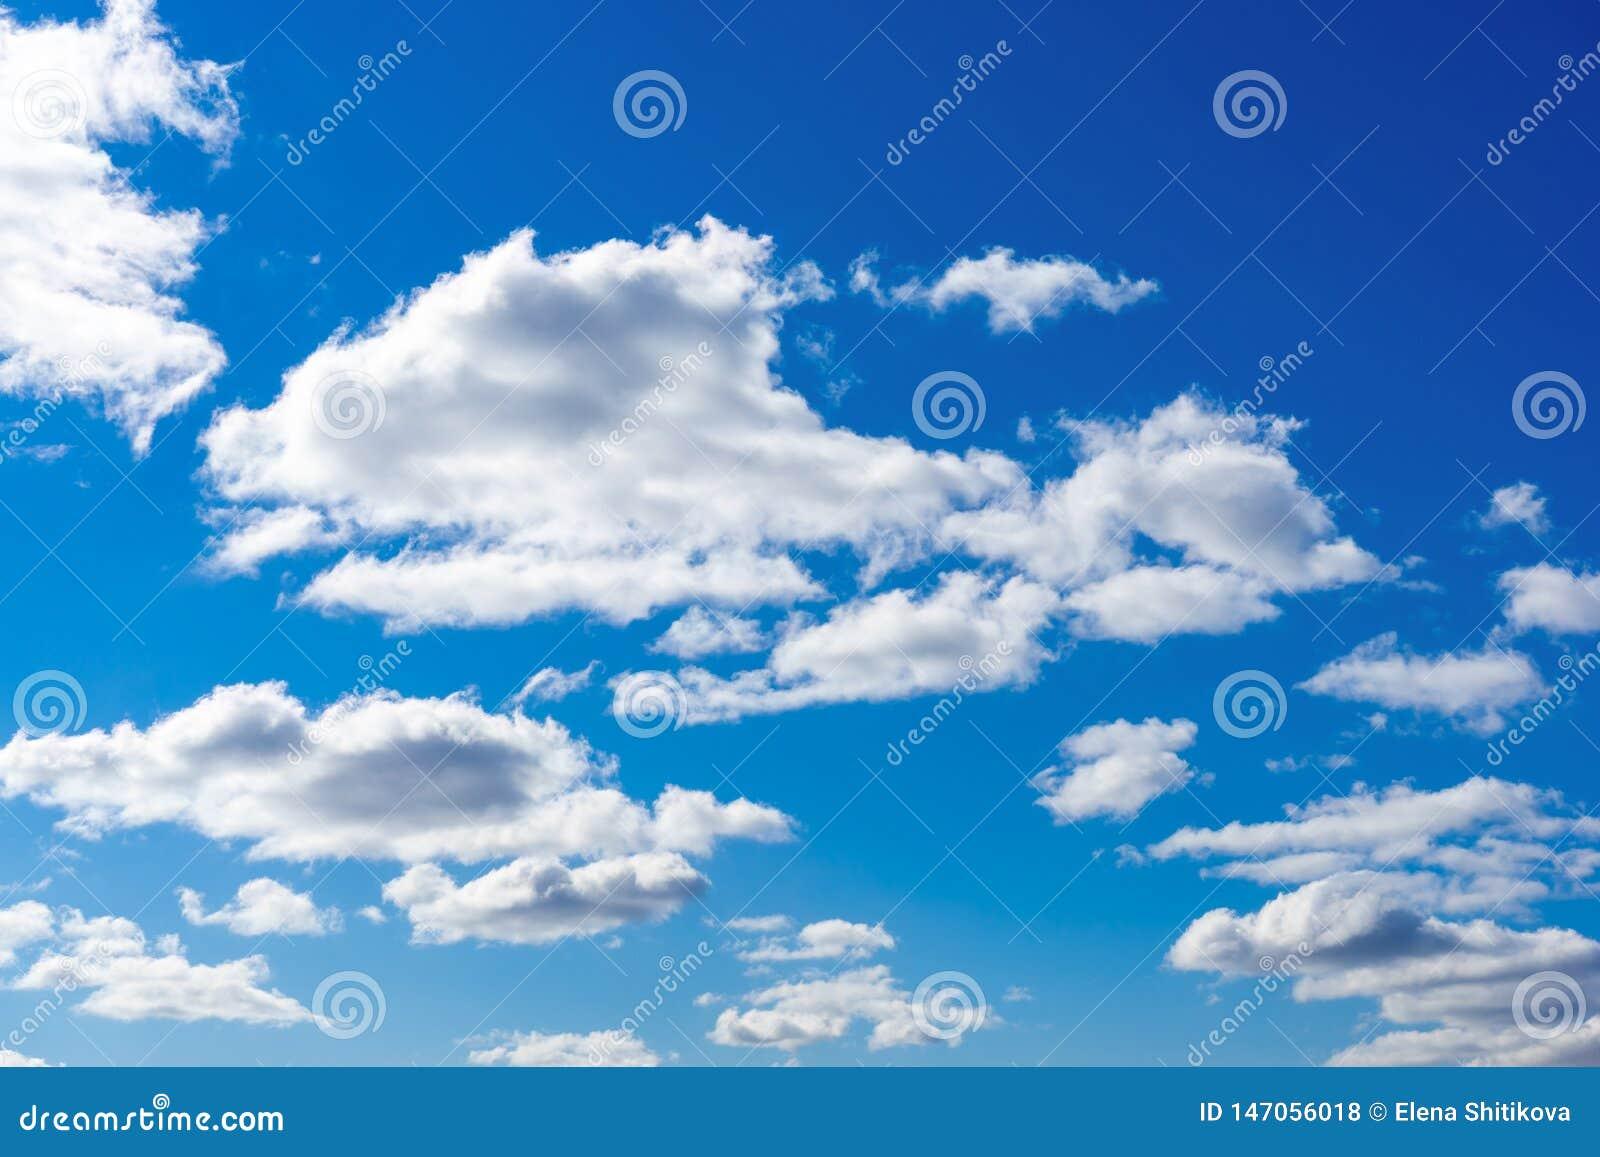 Nuages sur le ciel bleu